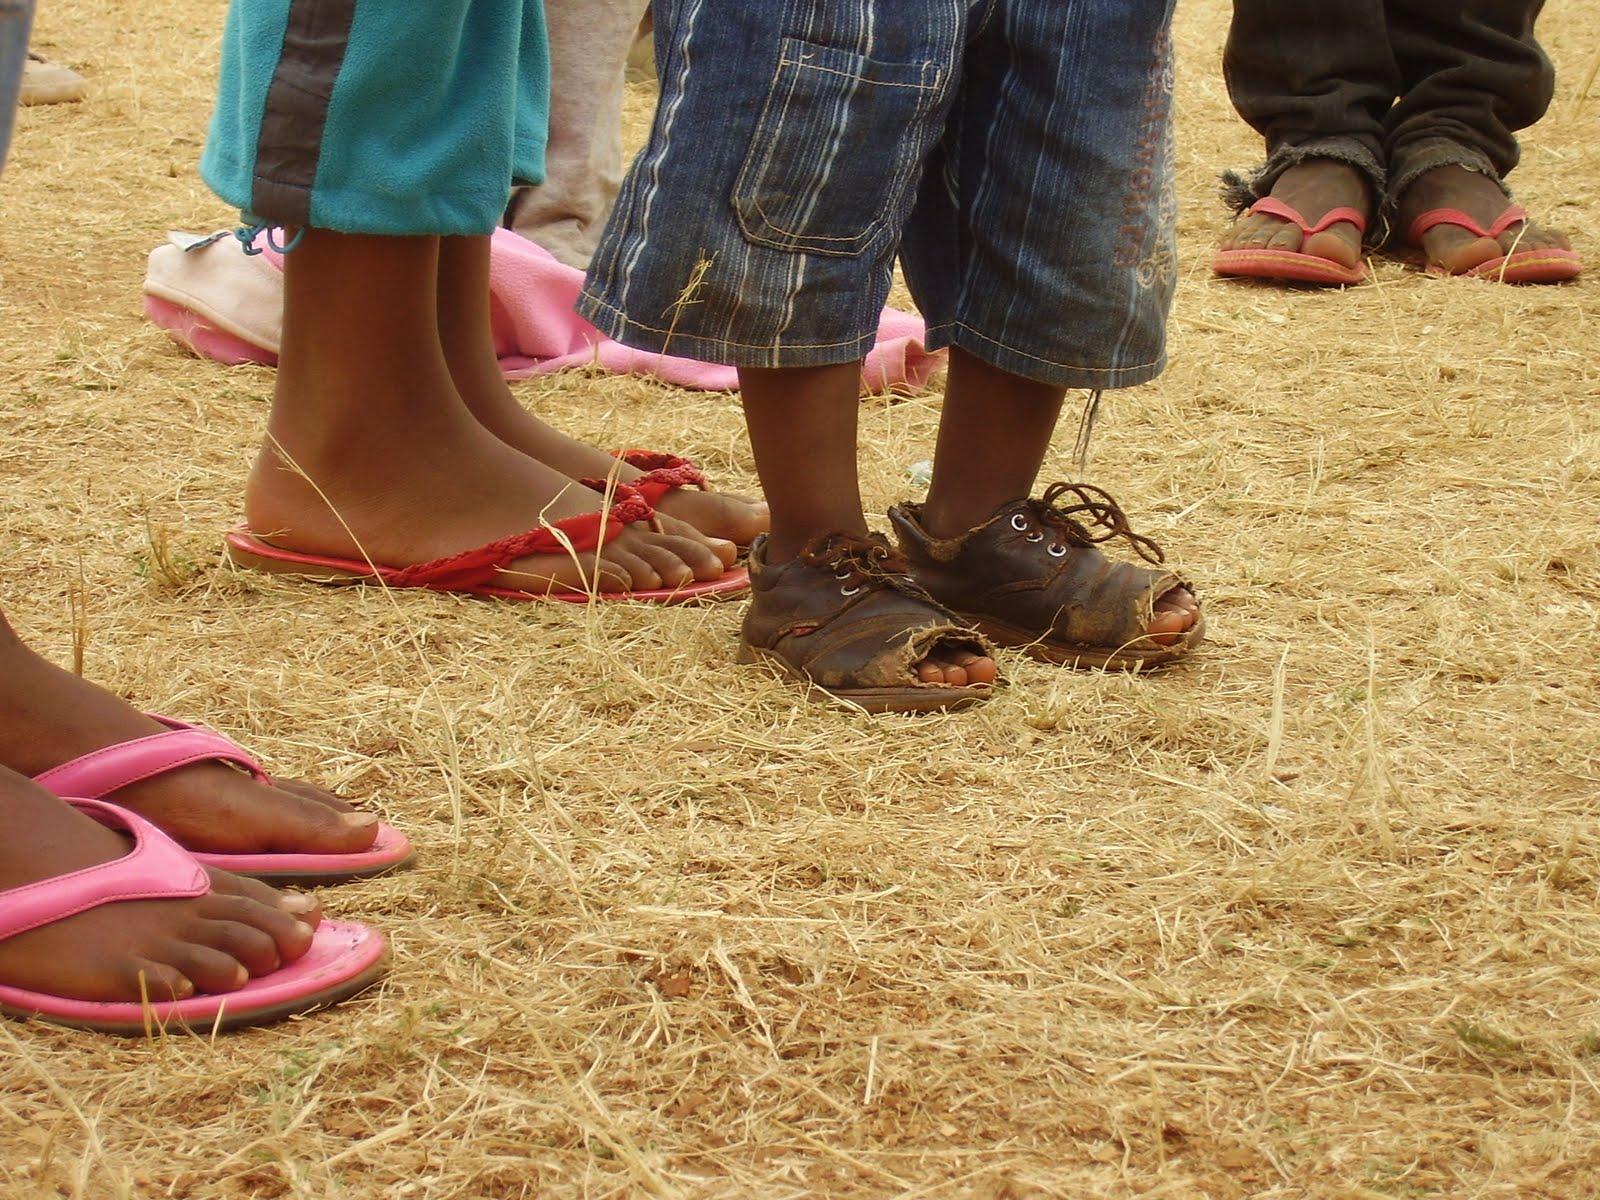 siti di incontri sposati a Nairobi